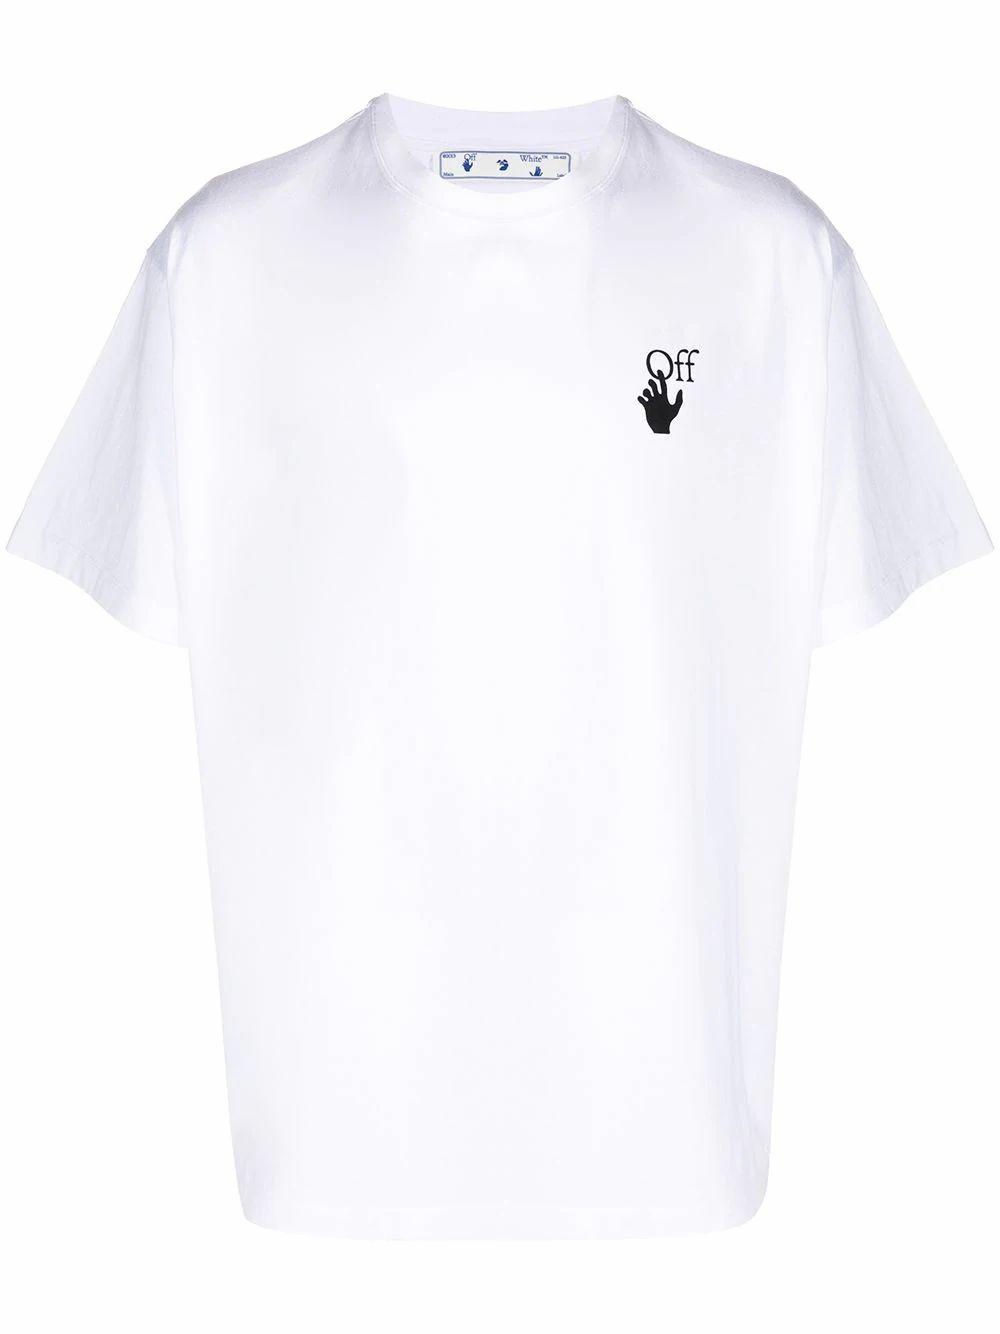 Off-White OFF-WHITE MEN'S WHITE COTTON T-SHIRT